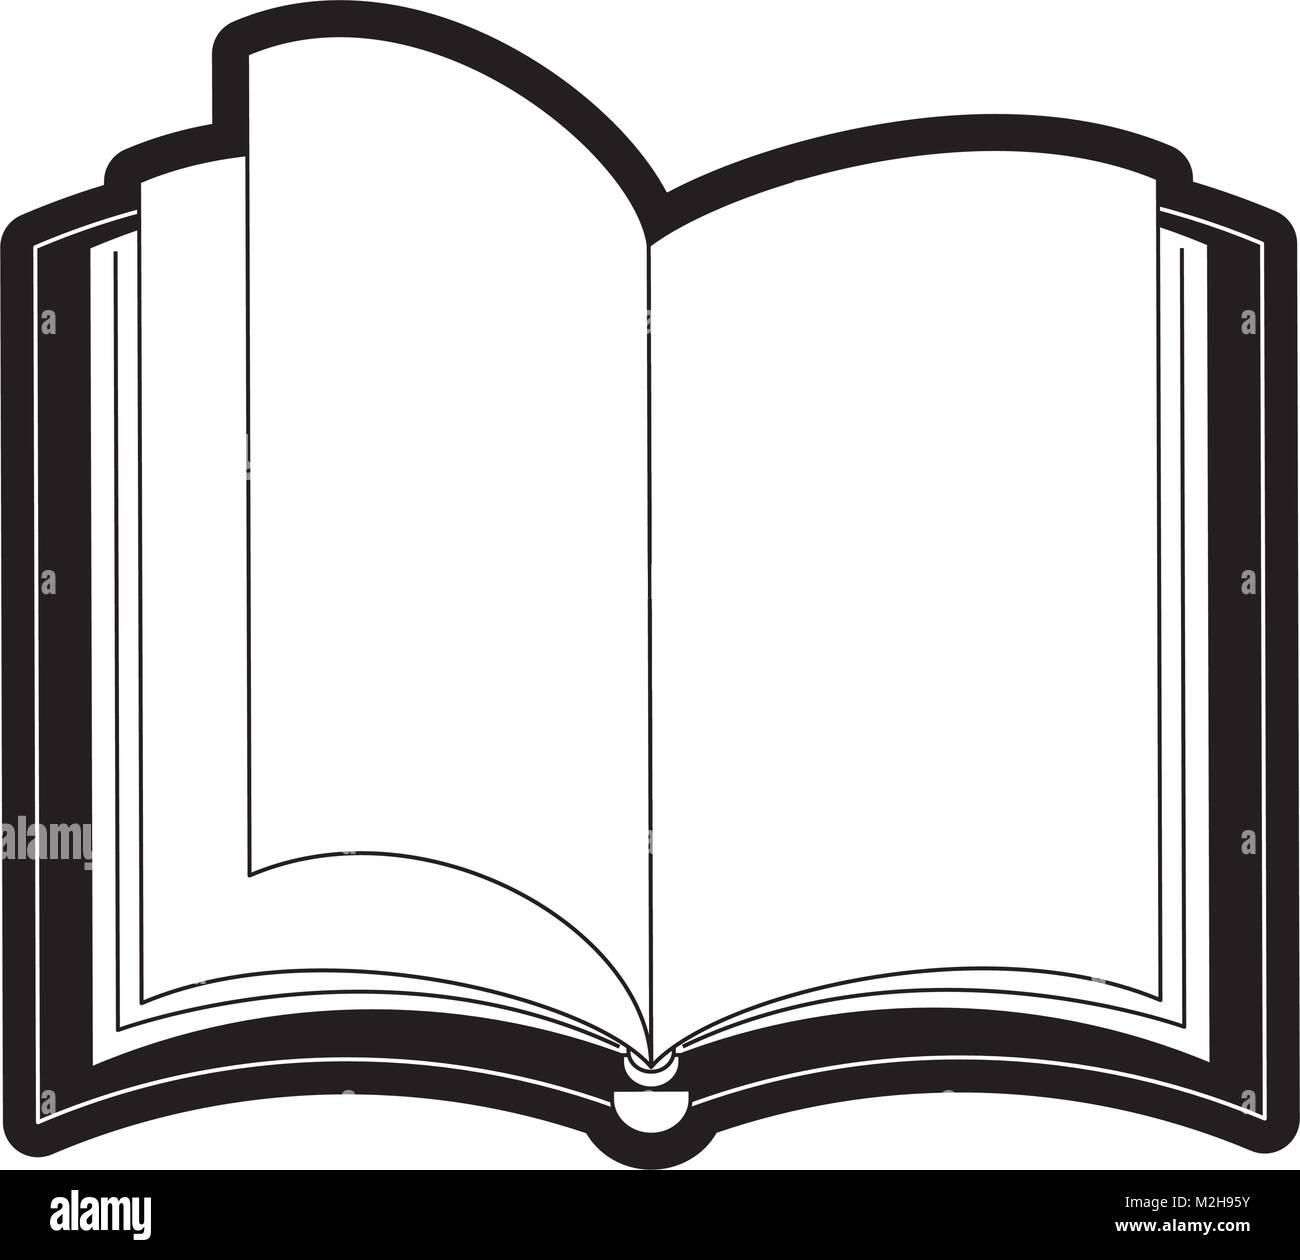 Icone Livre Ouvert Vecteurs Et Illustration Image